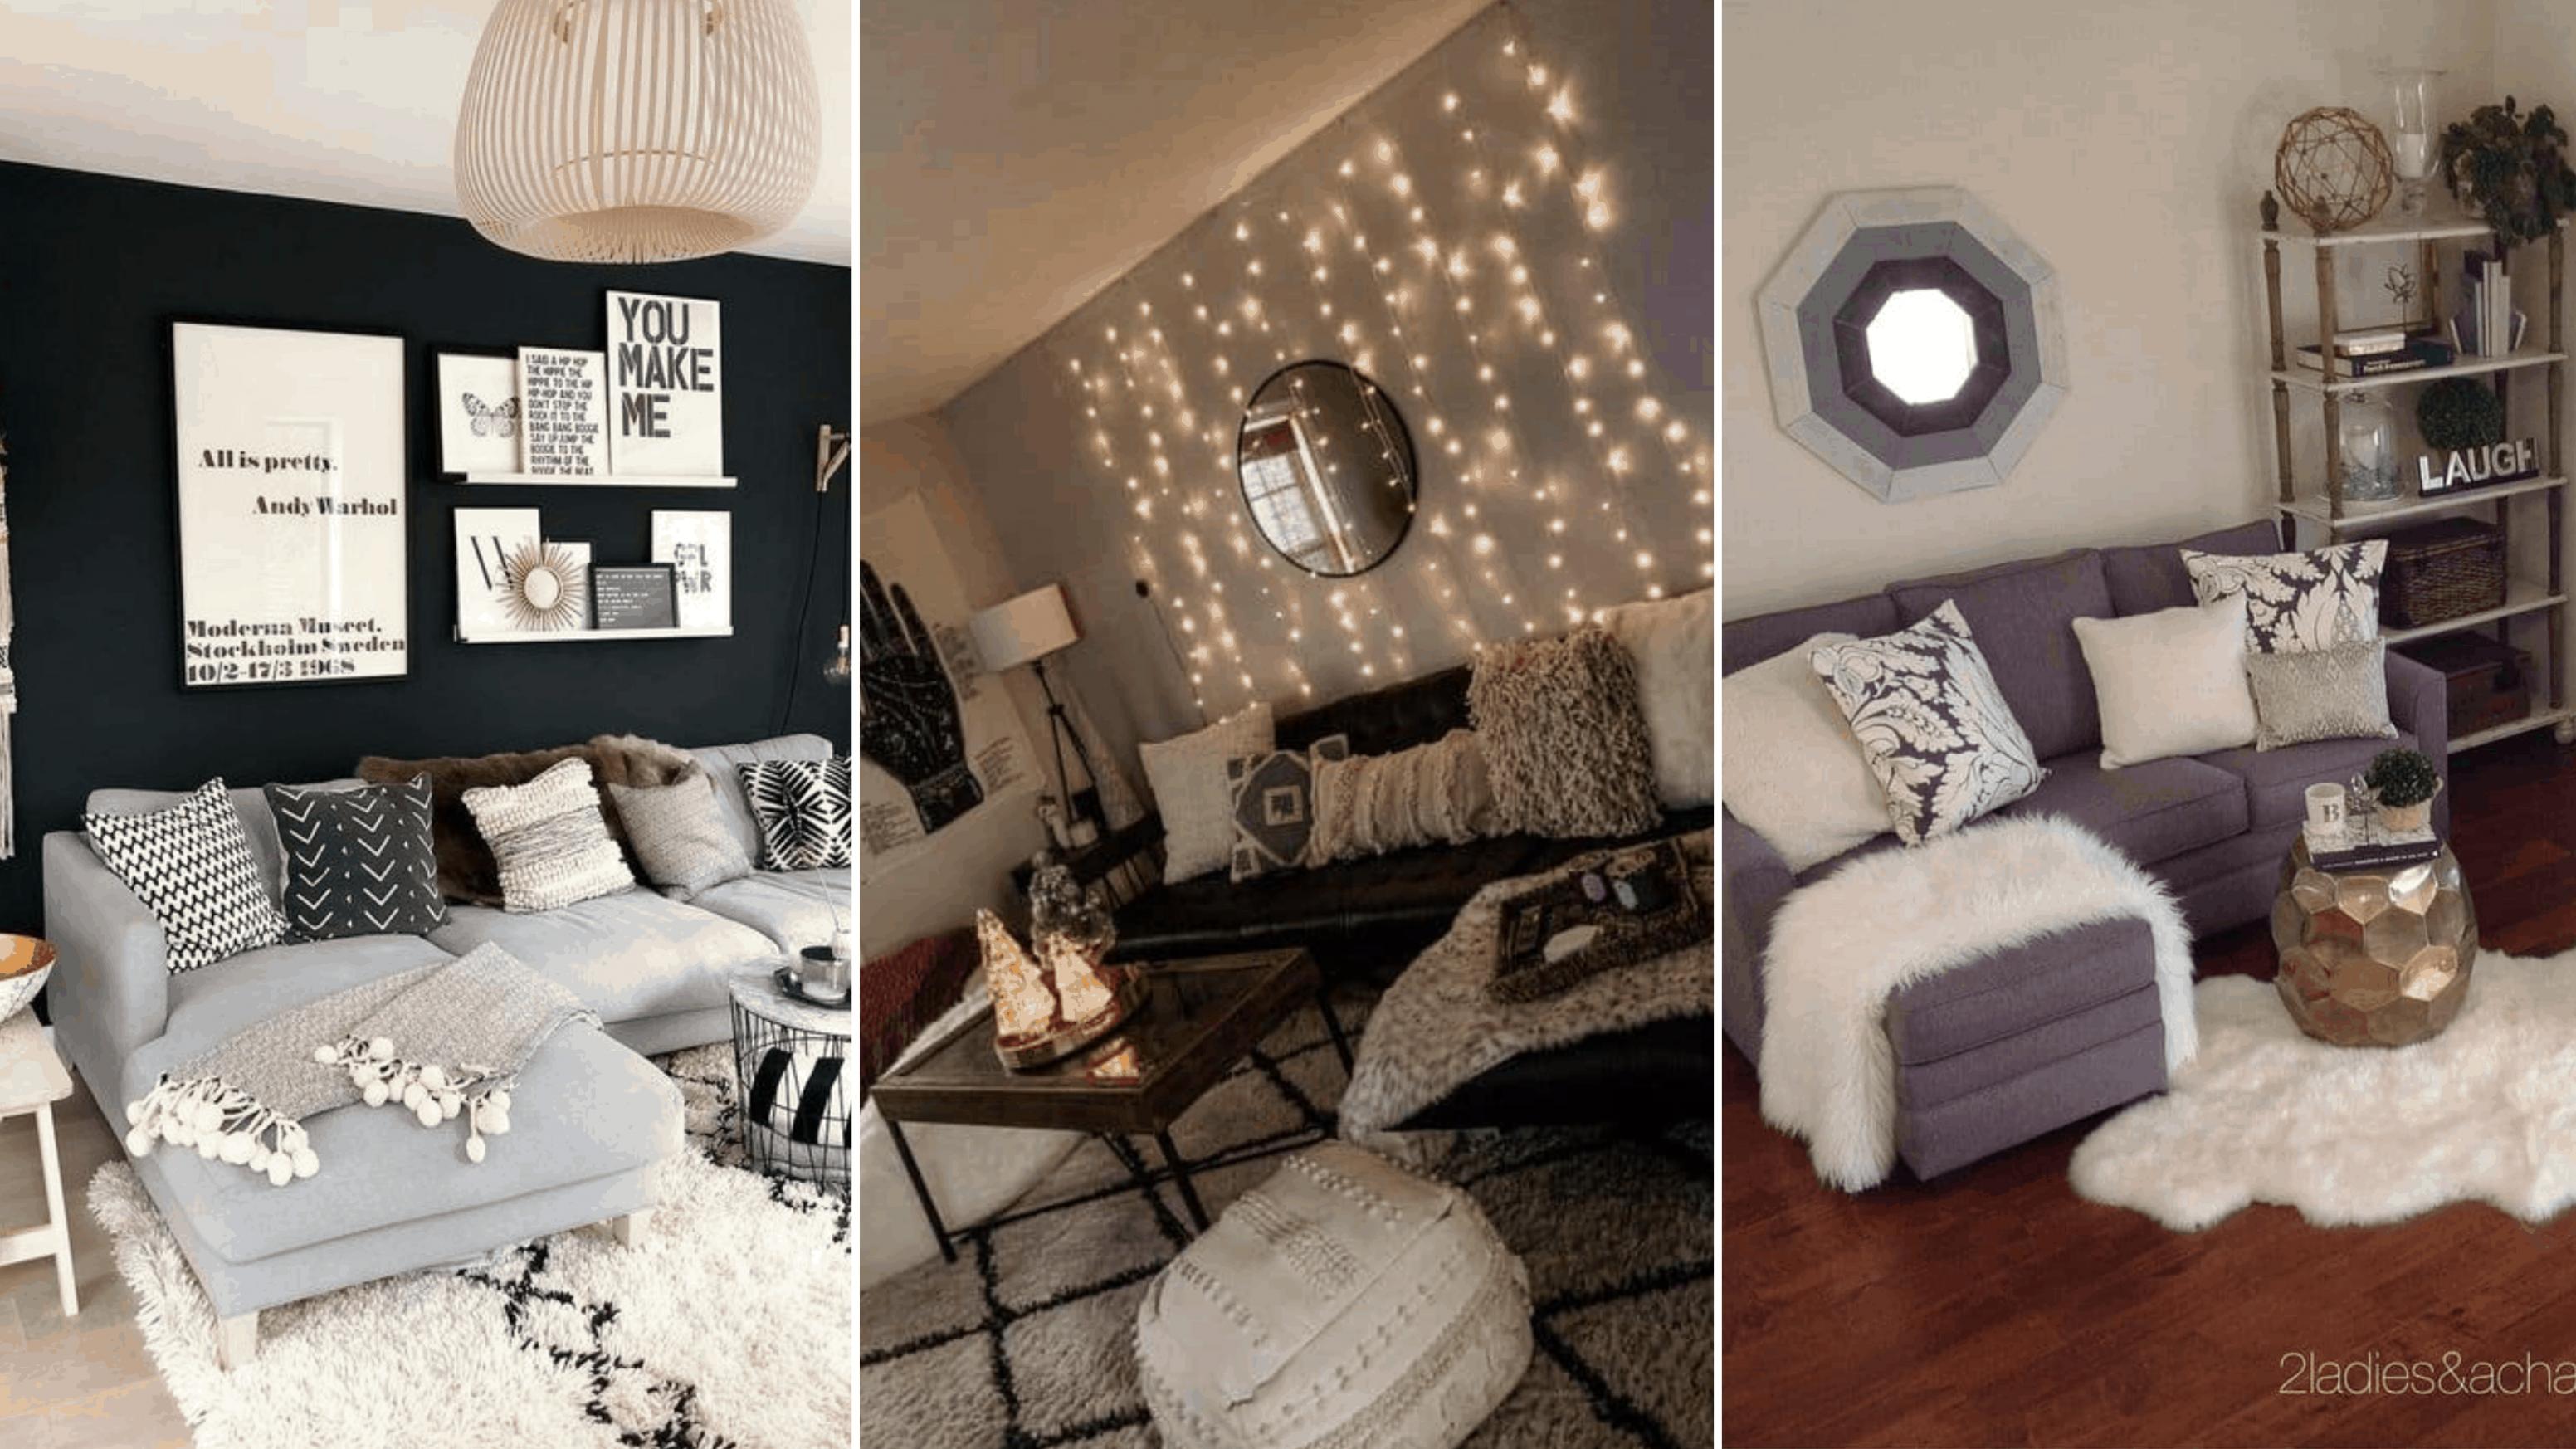 11 Genius College Apartment Decorating Ideas on a Budget - By  - Apartment Decorating Ideas College Students